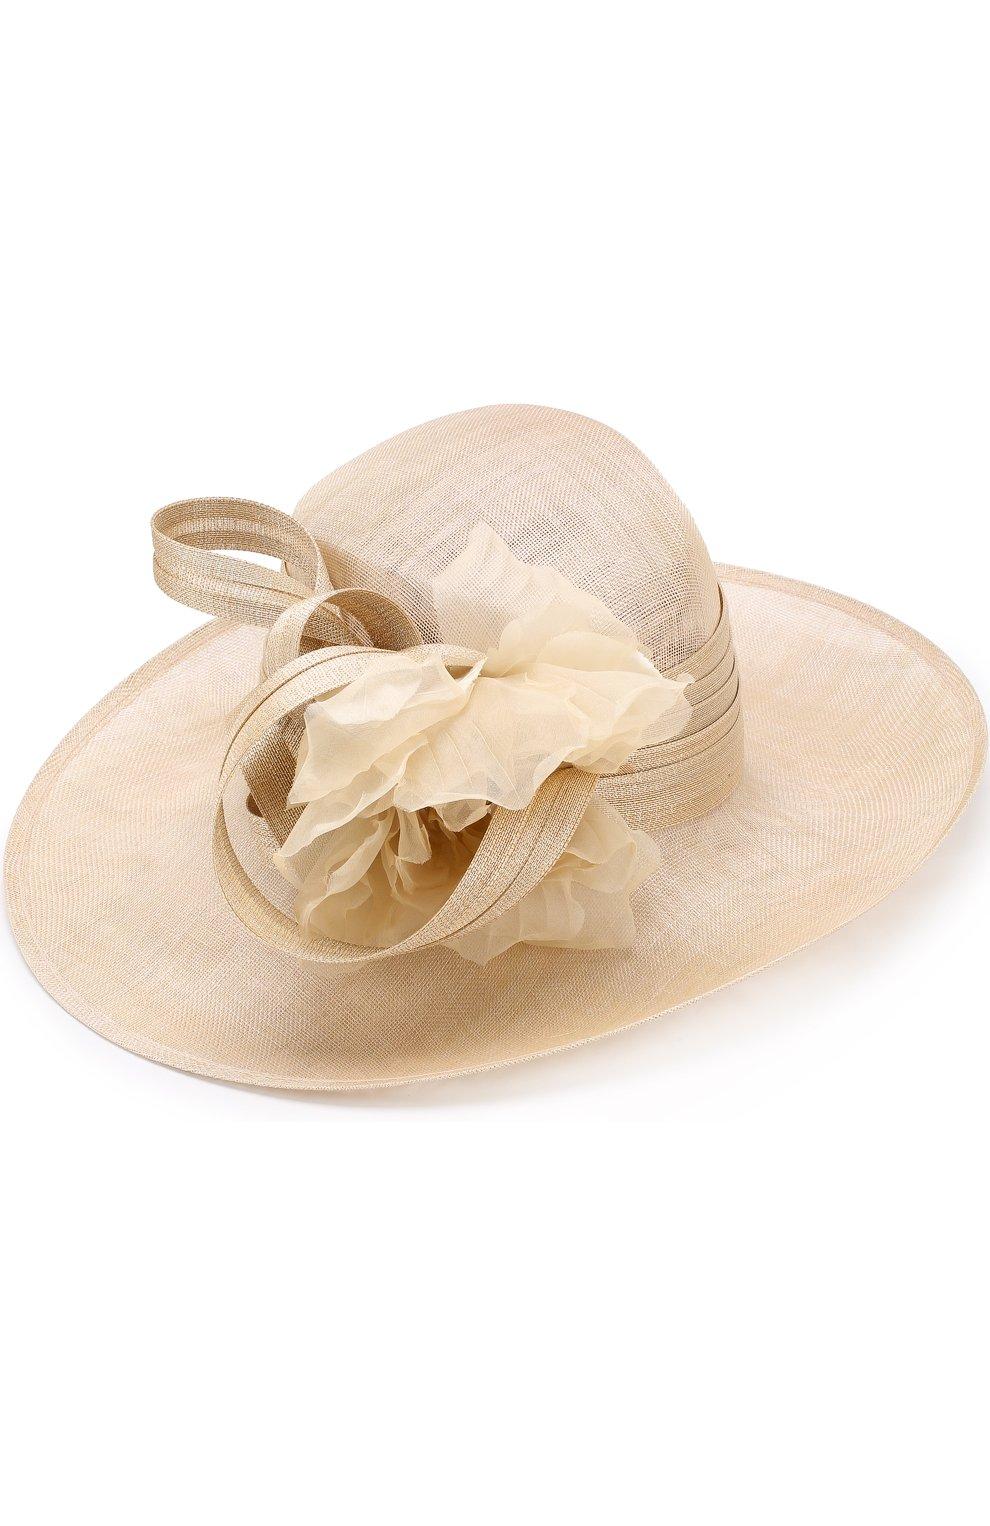 Женская соломенная шляпа с декором в виде цветка PHILIP TREACY бежевого цвета, арт. 0C460 | Фото 1